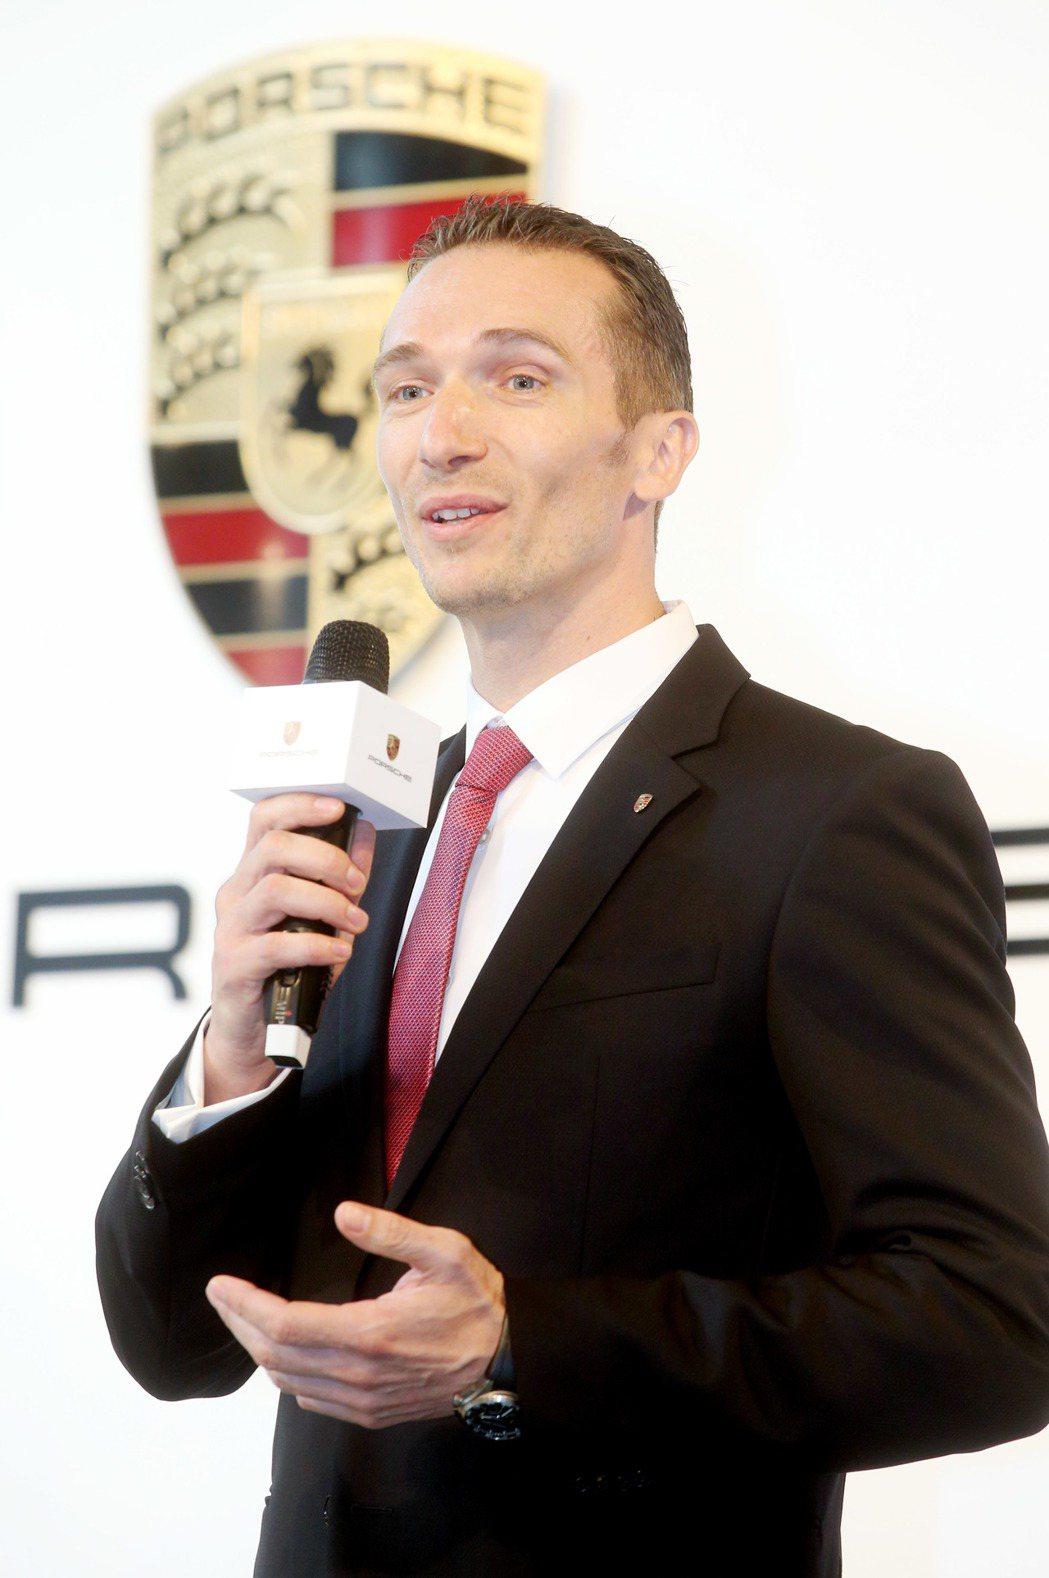 德國保時捷公司昨天舉行記者會,正式宣布與永業進口公司共同成立合資公司「保時捷台灣有限公司」,被任命為保時捷台灣有限公司總裁的Martin Limpert出席記者會。記者屠惠剛/攝影